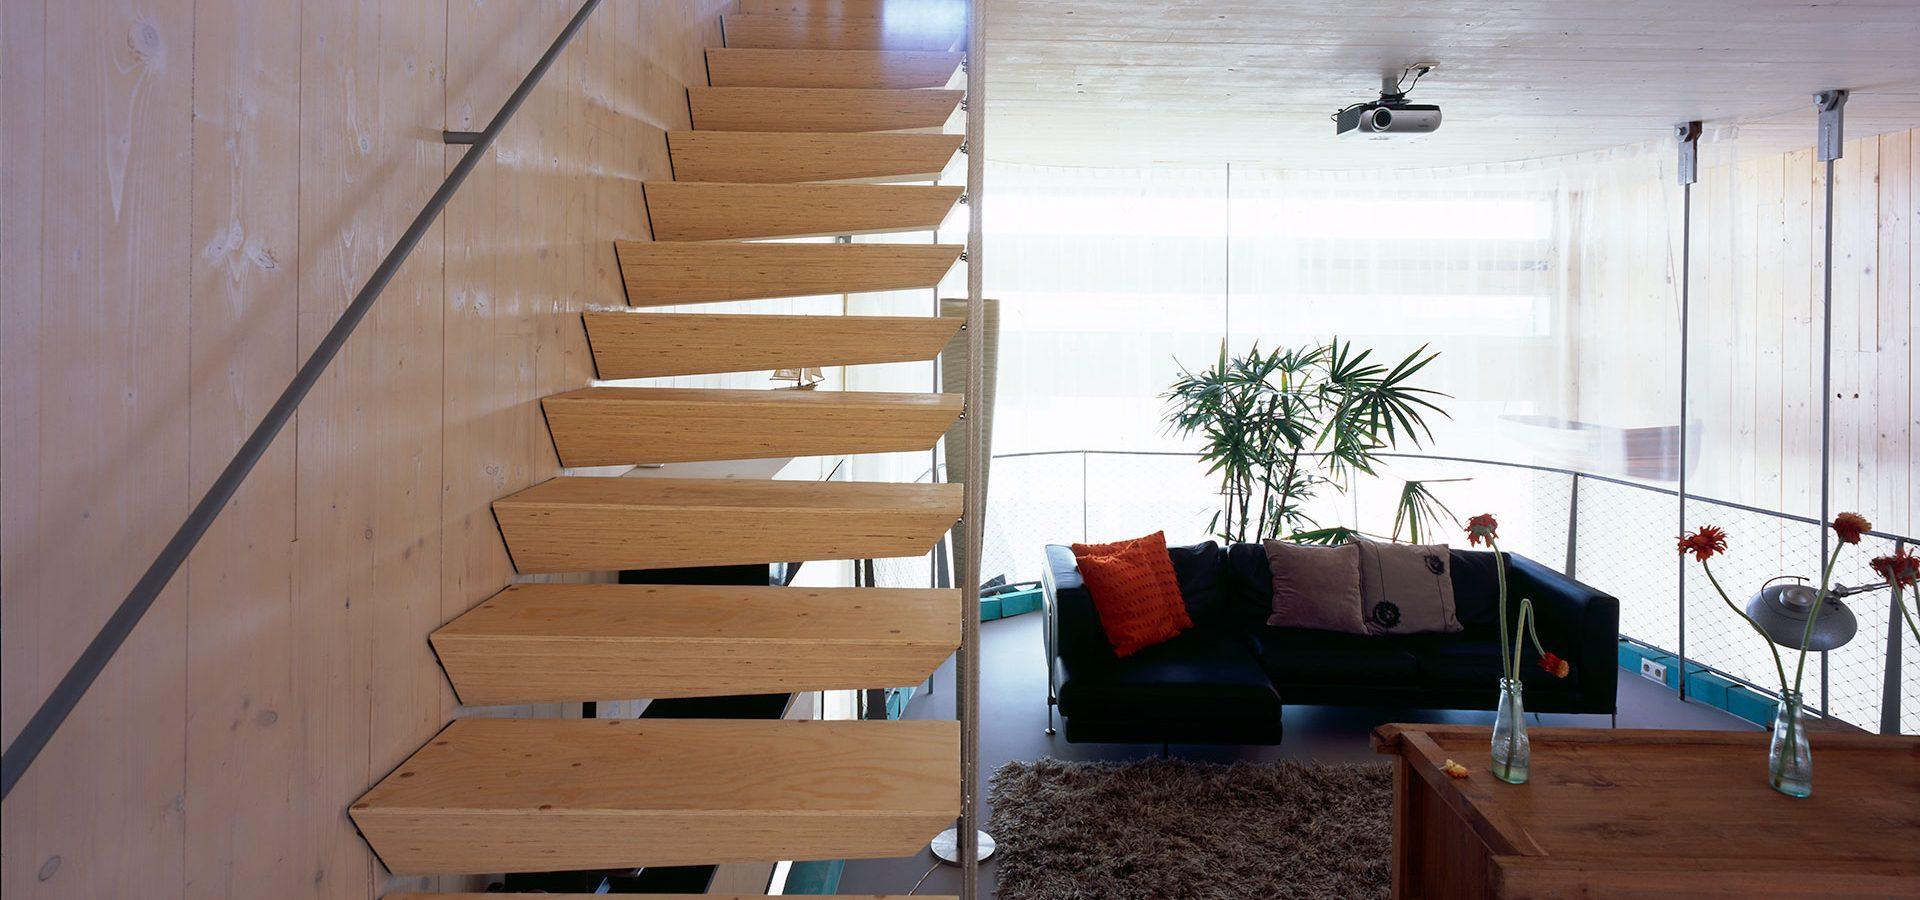 FARO architecten Energiezuinig op Steigereiland IJburg Amsterdam 03